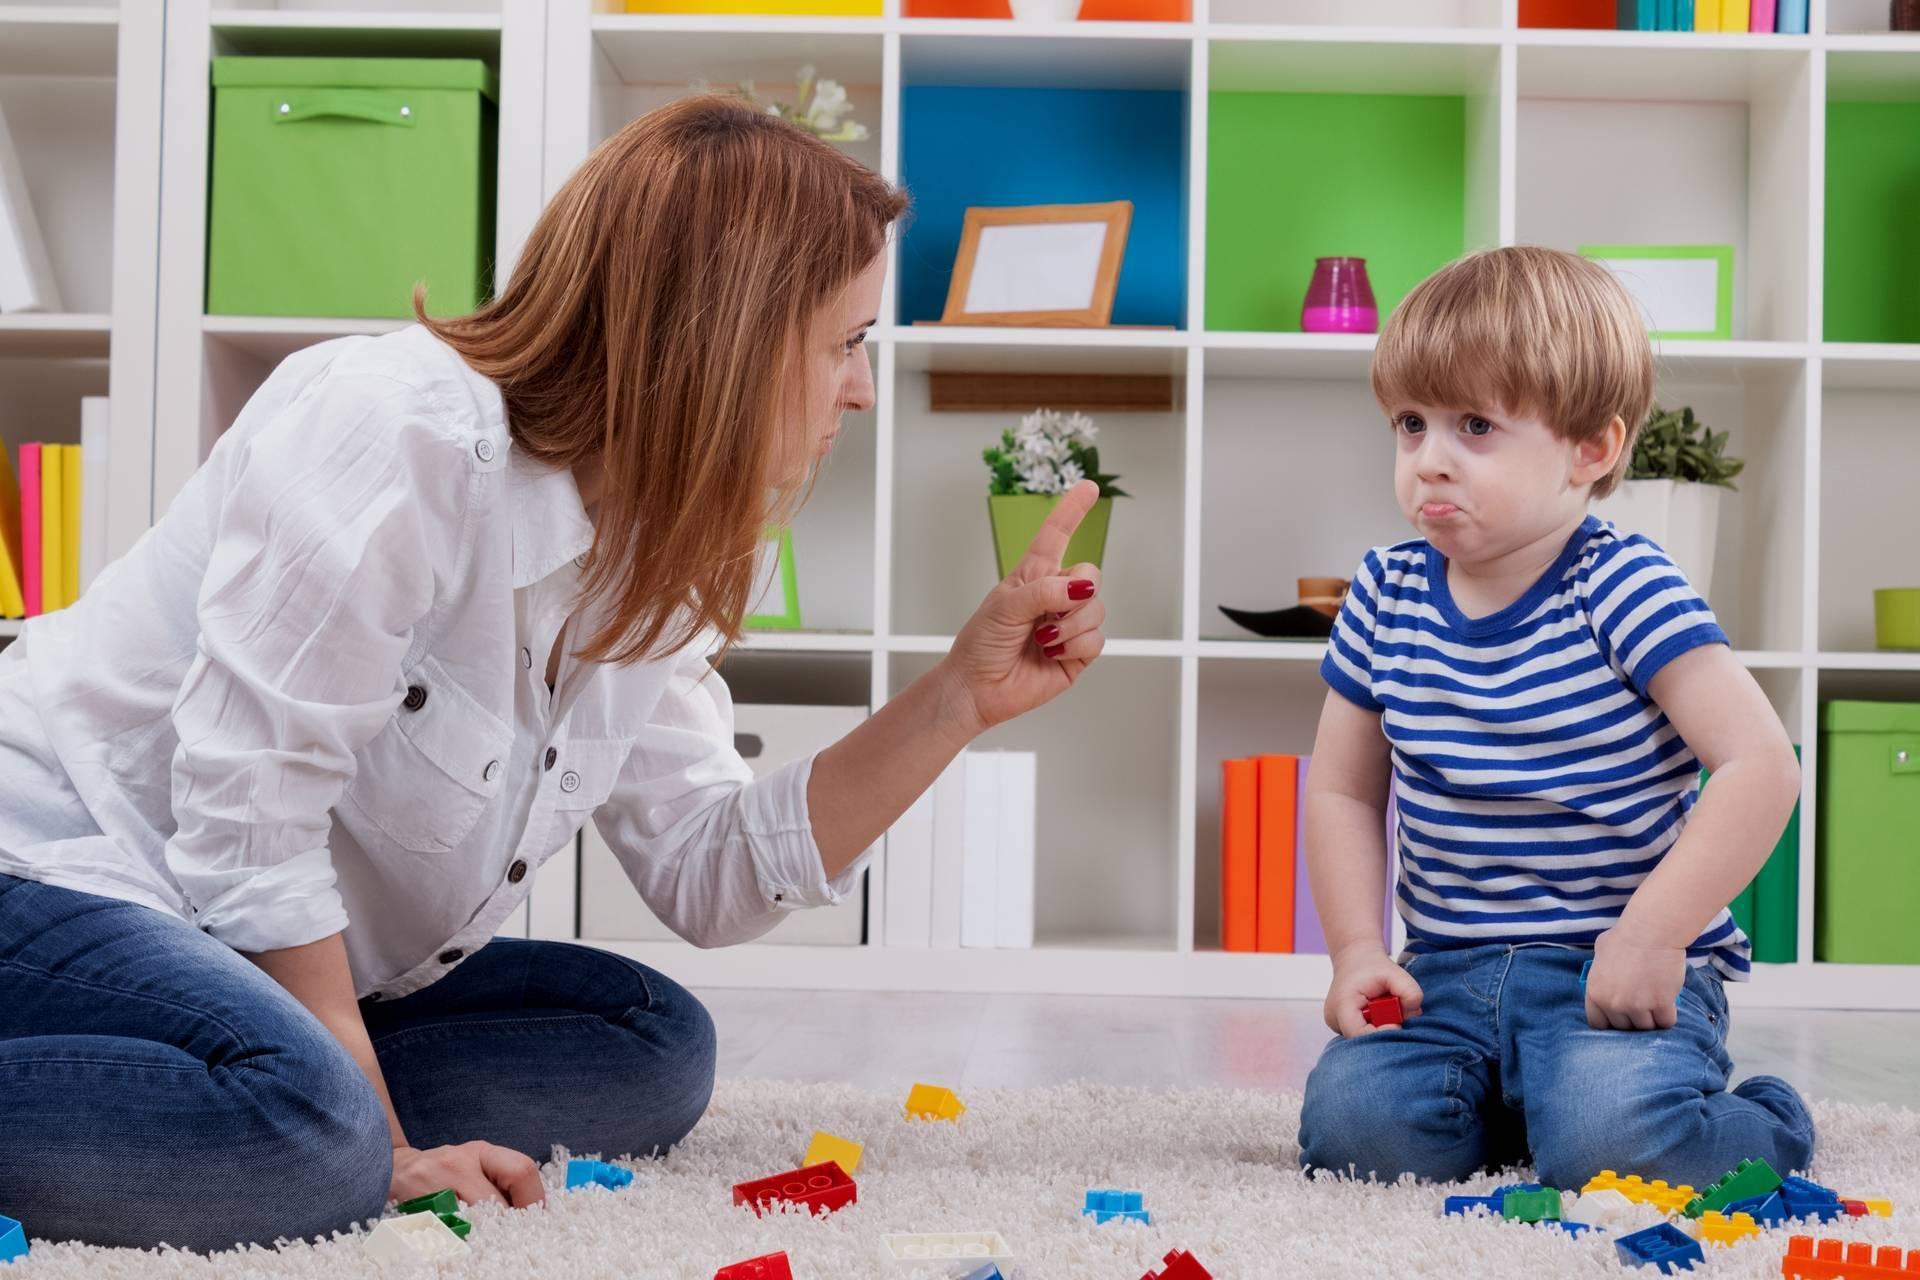 Нужно ли отдавать ребенка в детский садик: все «за и против» — мнение психологов. нужен ли ребенку детский сад. мнение опытных психологов.